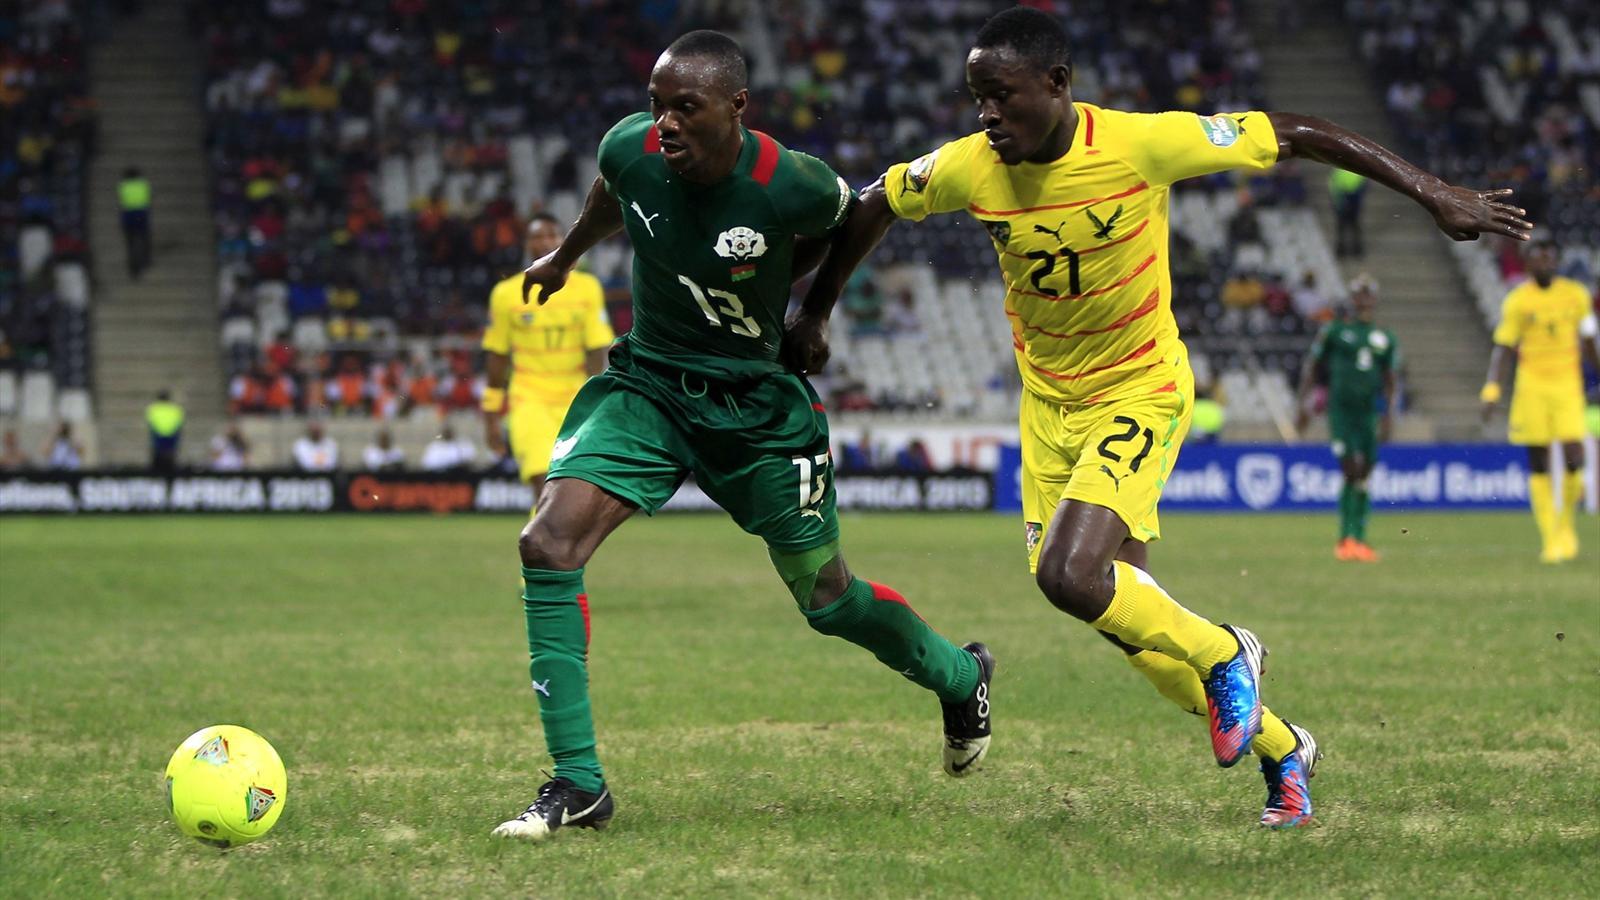 Vainqueur du togo 1 0 le burkina faso crit son histoire coupe d 39 afrique des nations 2013 - Vainqueur coupe d afrique ...